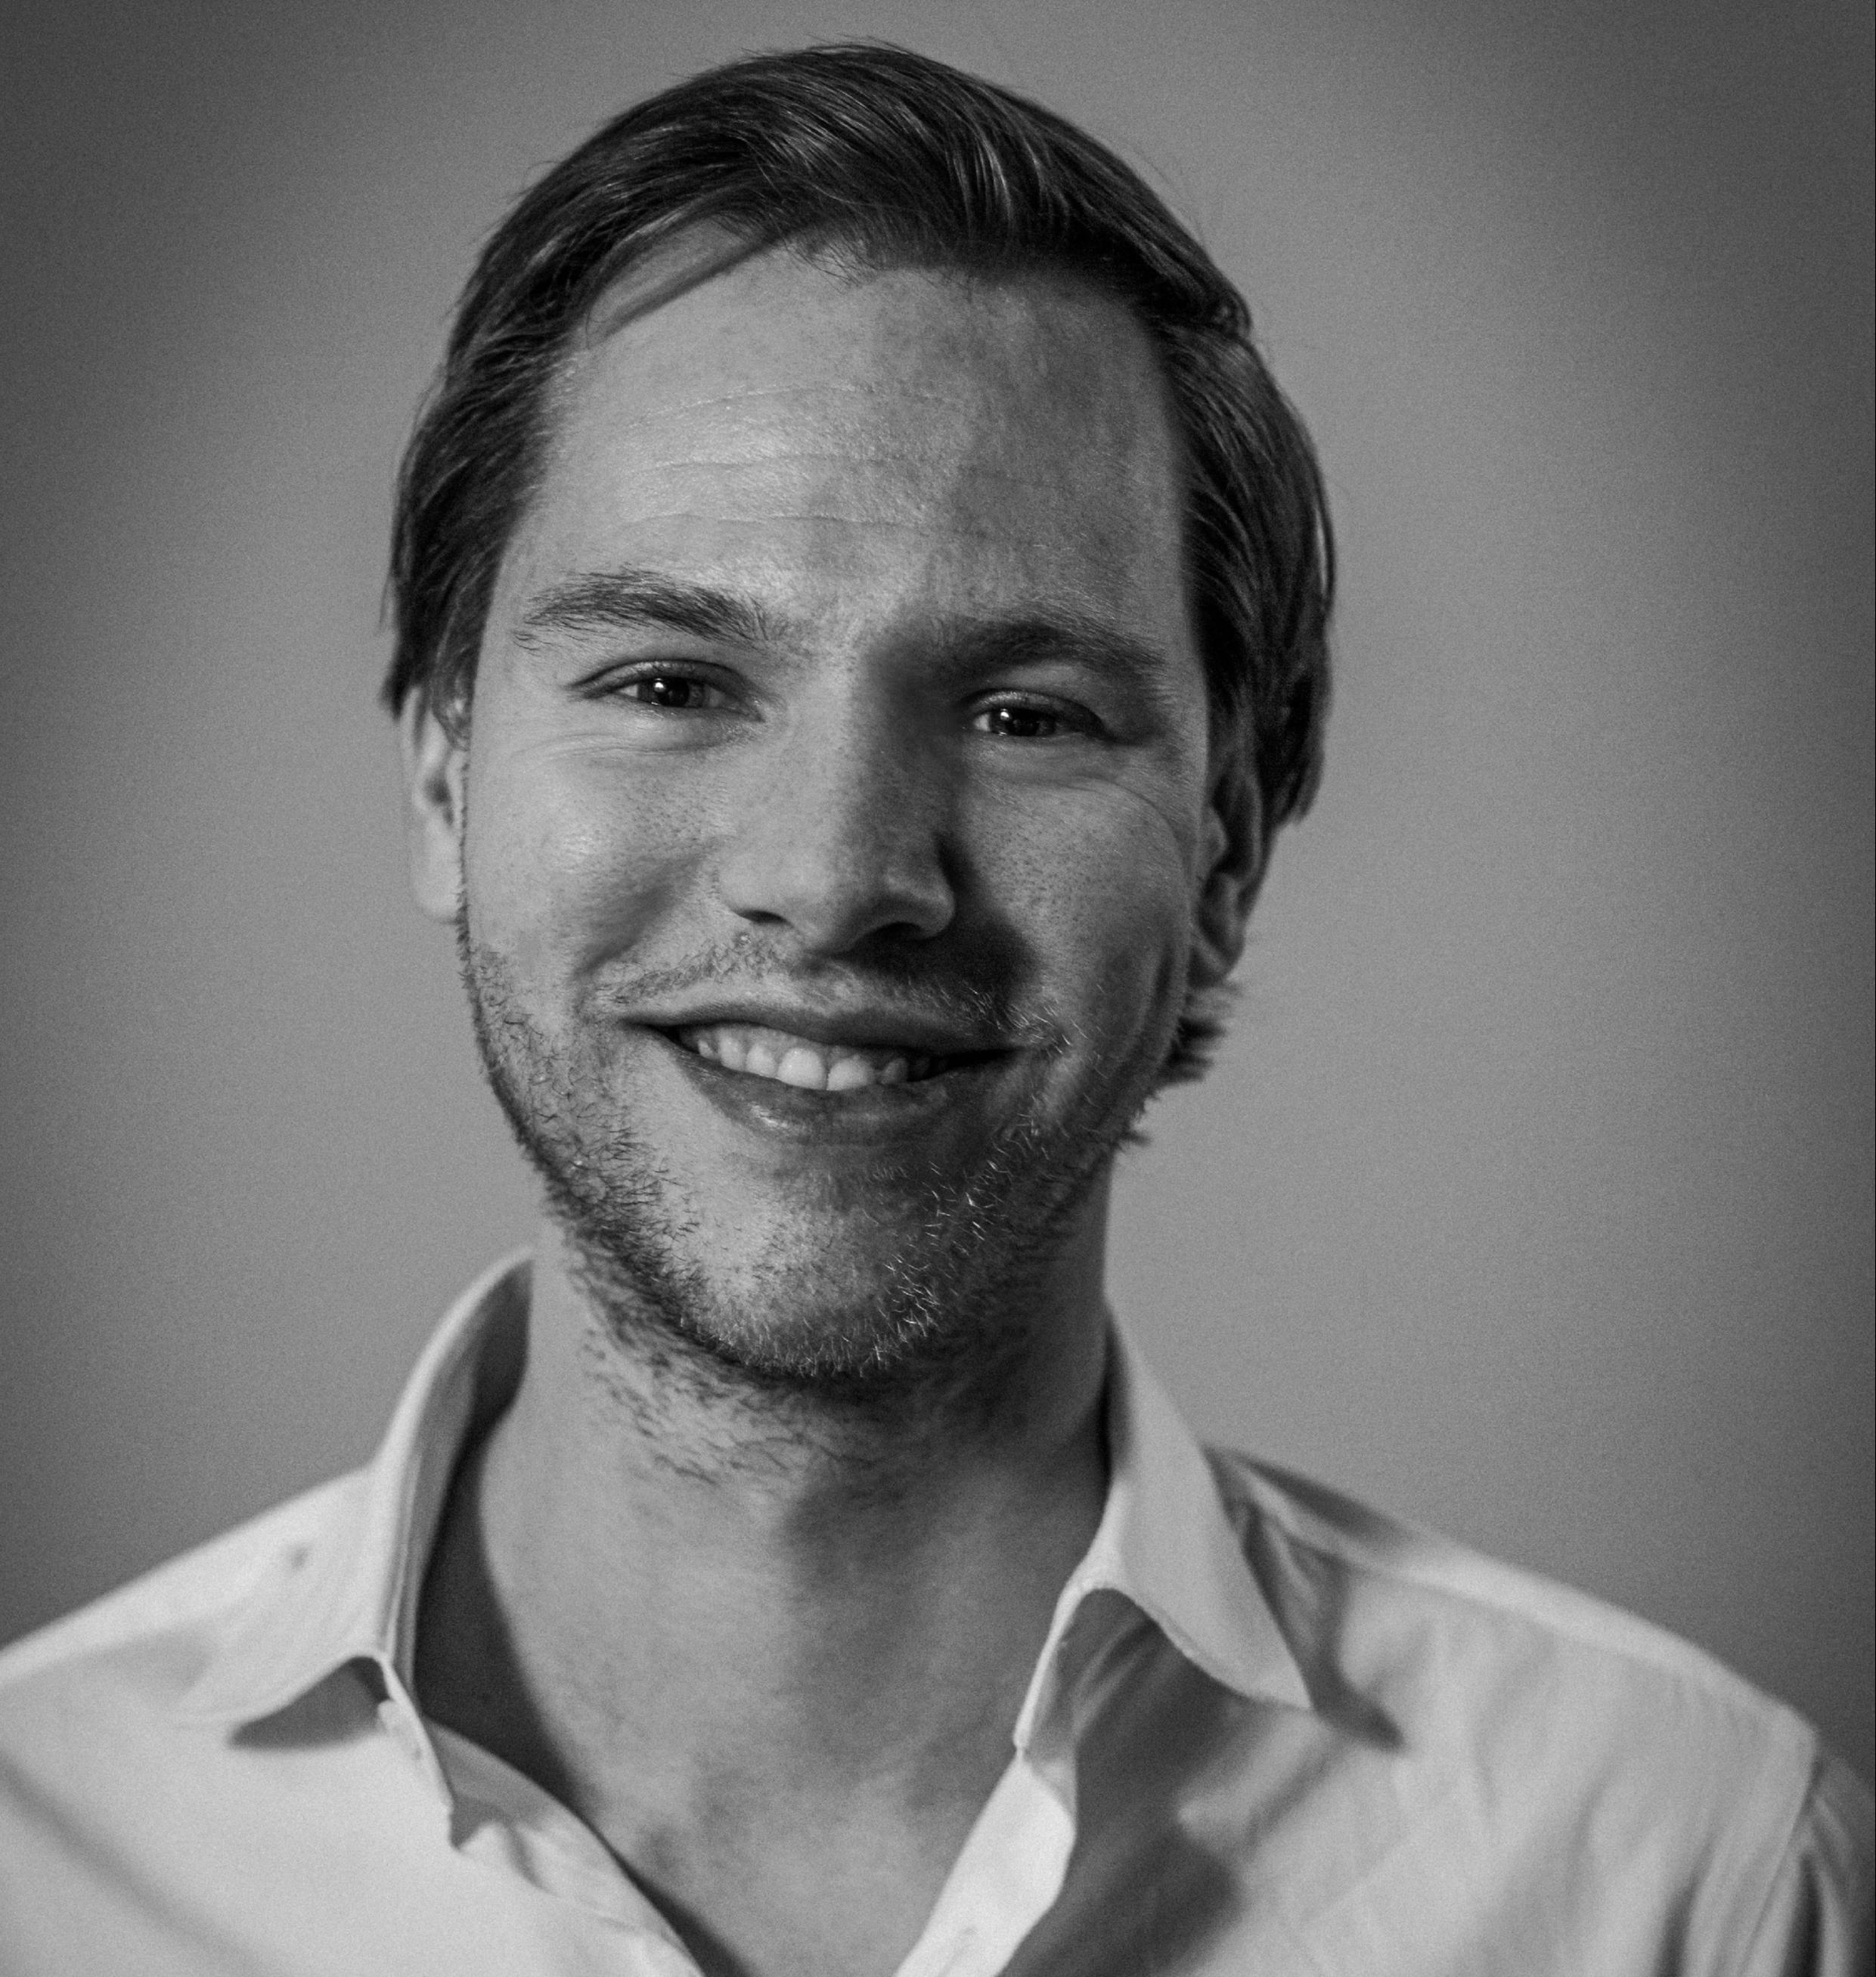 'Zwart-wit foto van Maarten'